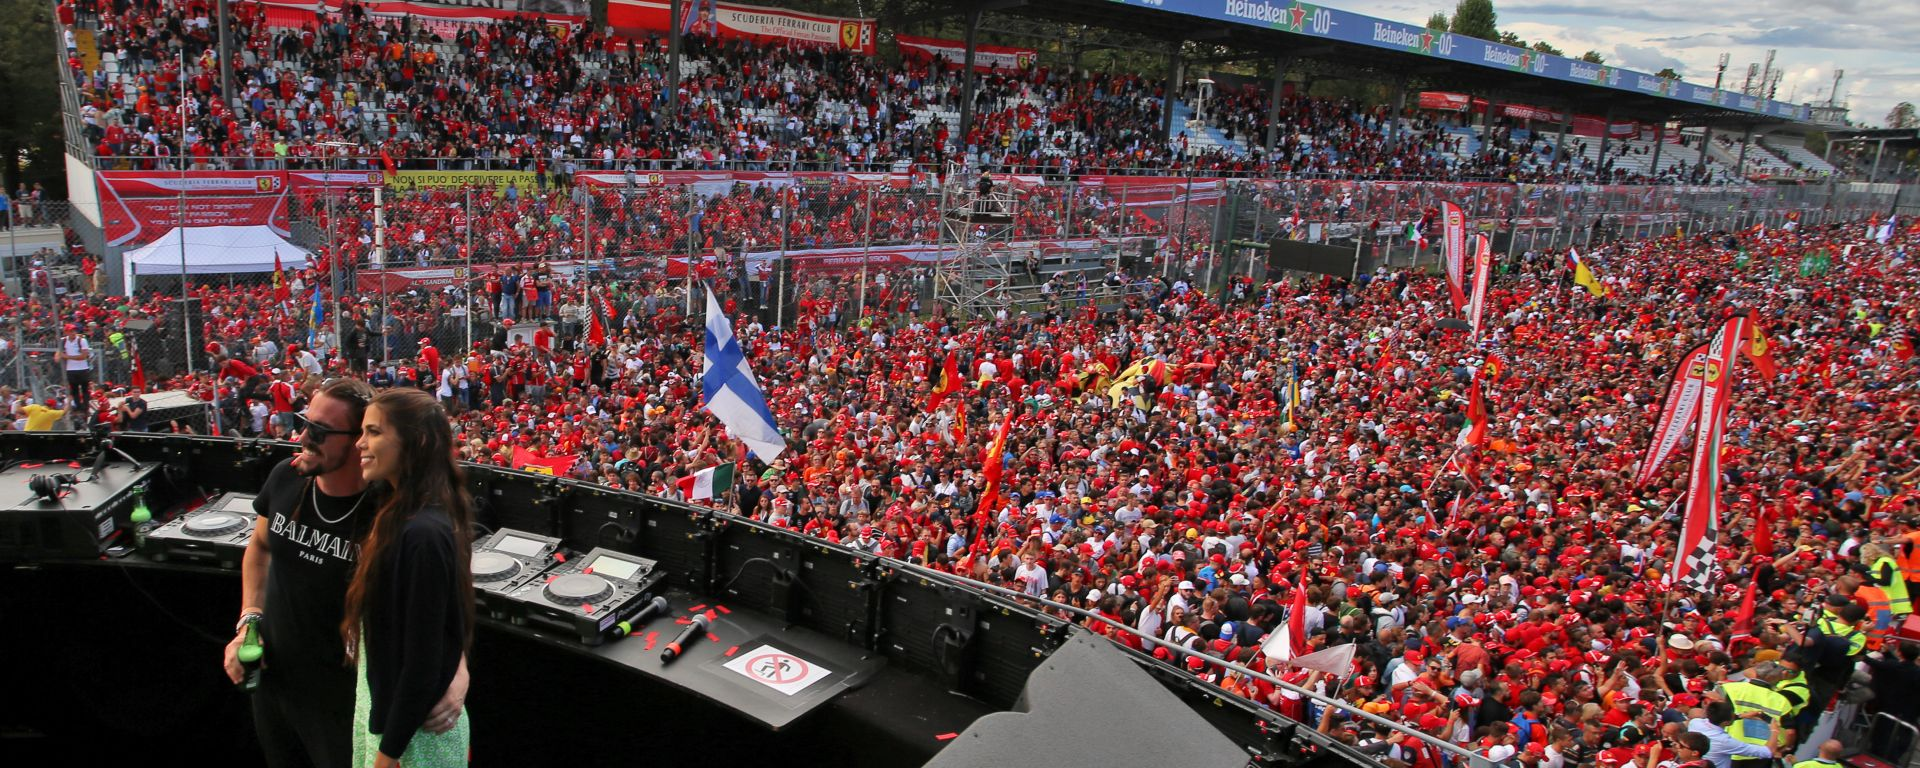 F1, GP Italia 2019: la folla sotto al podio